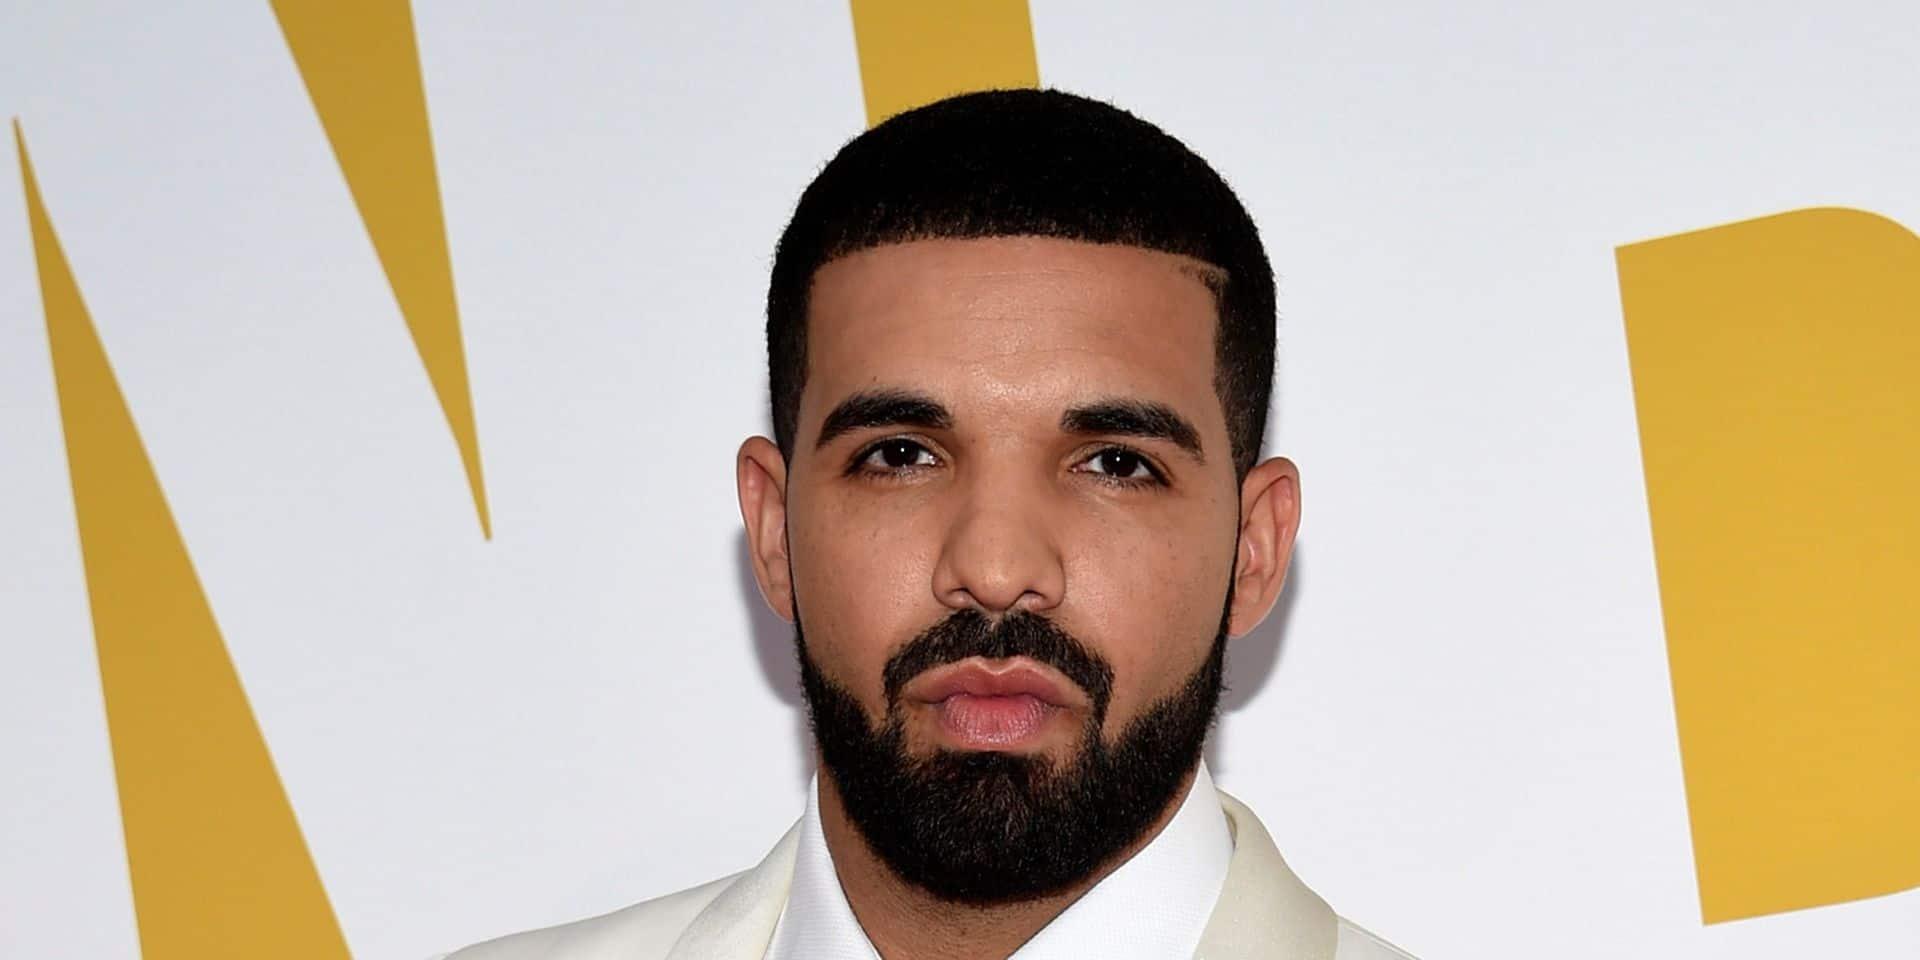 Drake entre dans l'Histoire en dépassant les 50 milliards de streams sur Spotify